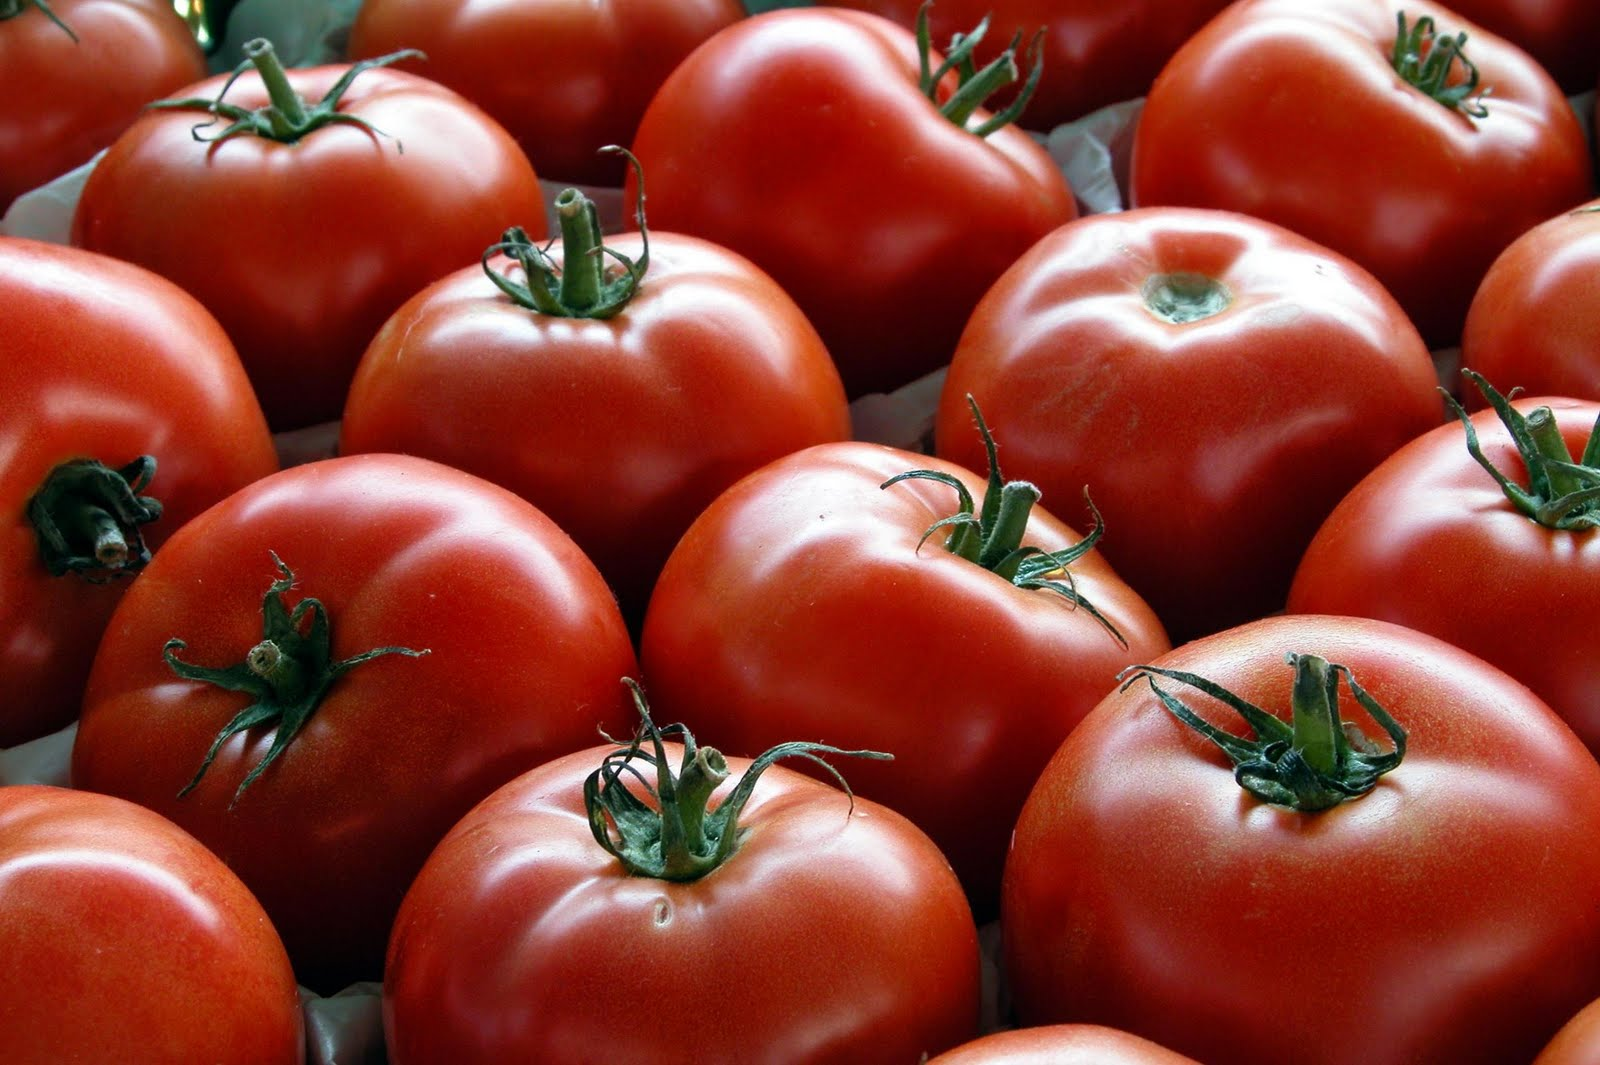 el sabor del tomate